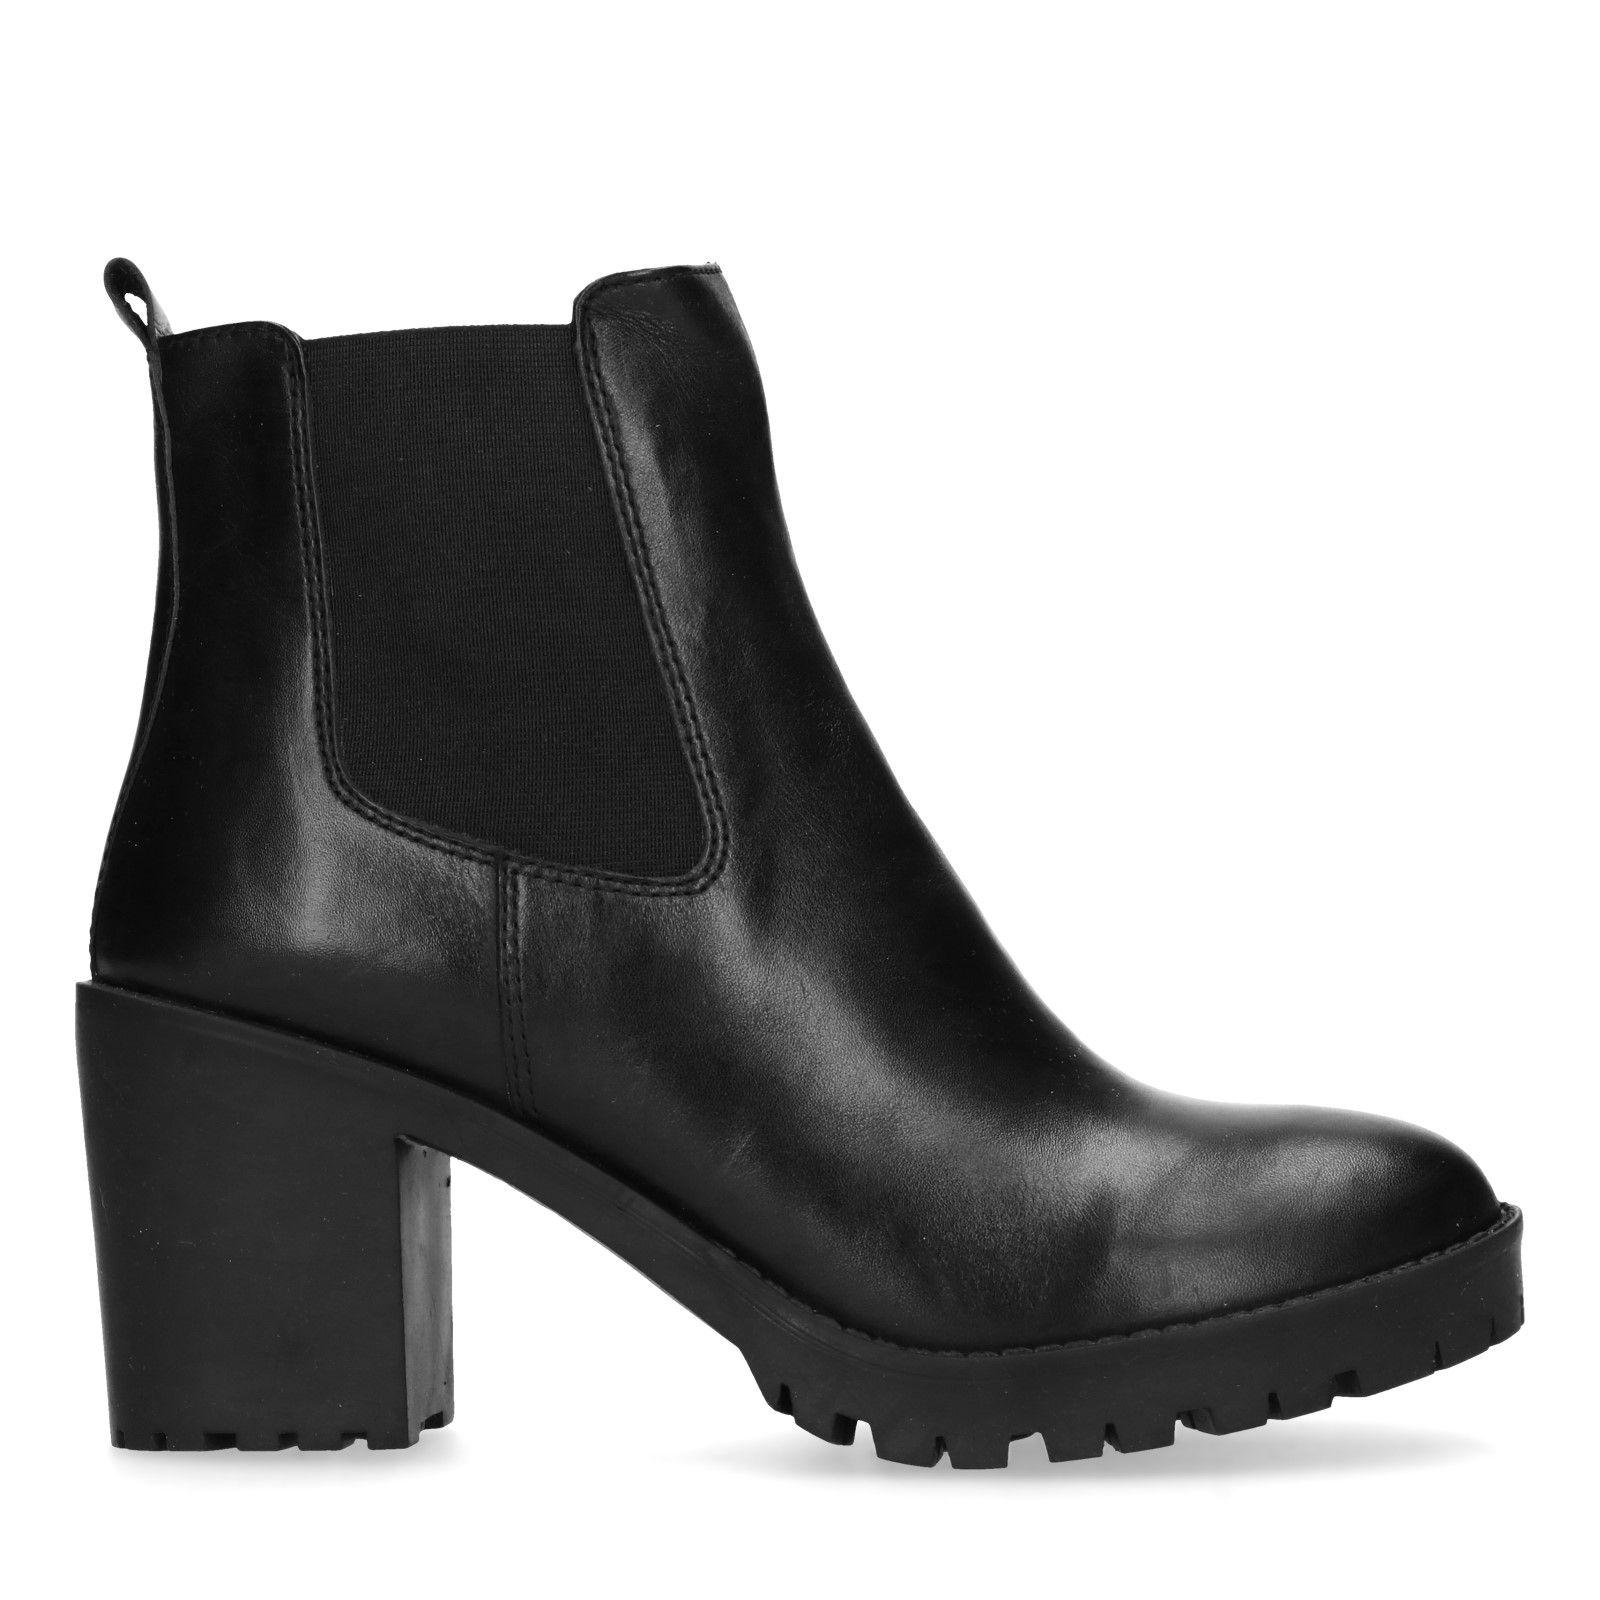 bruine chelsea boots dames hak